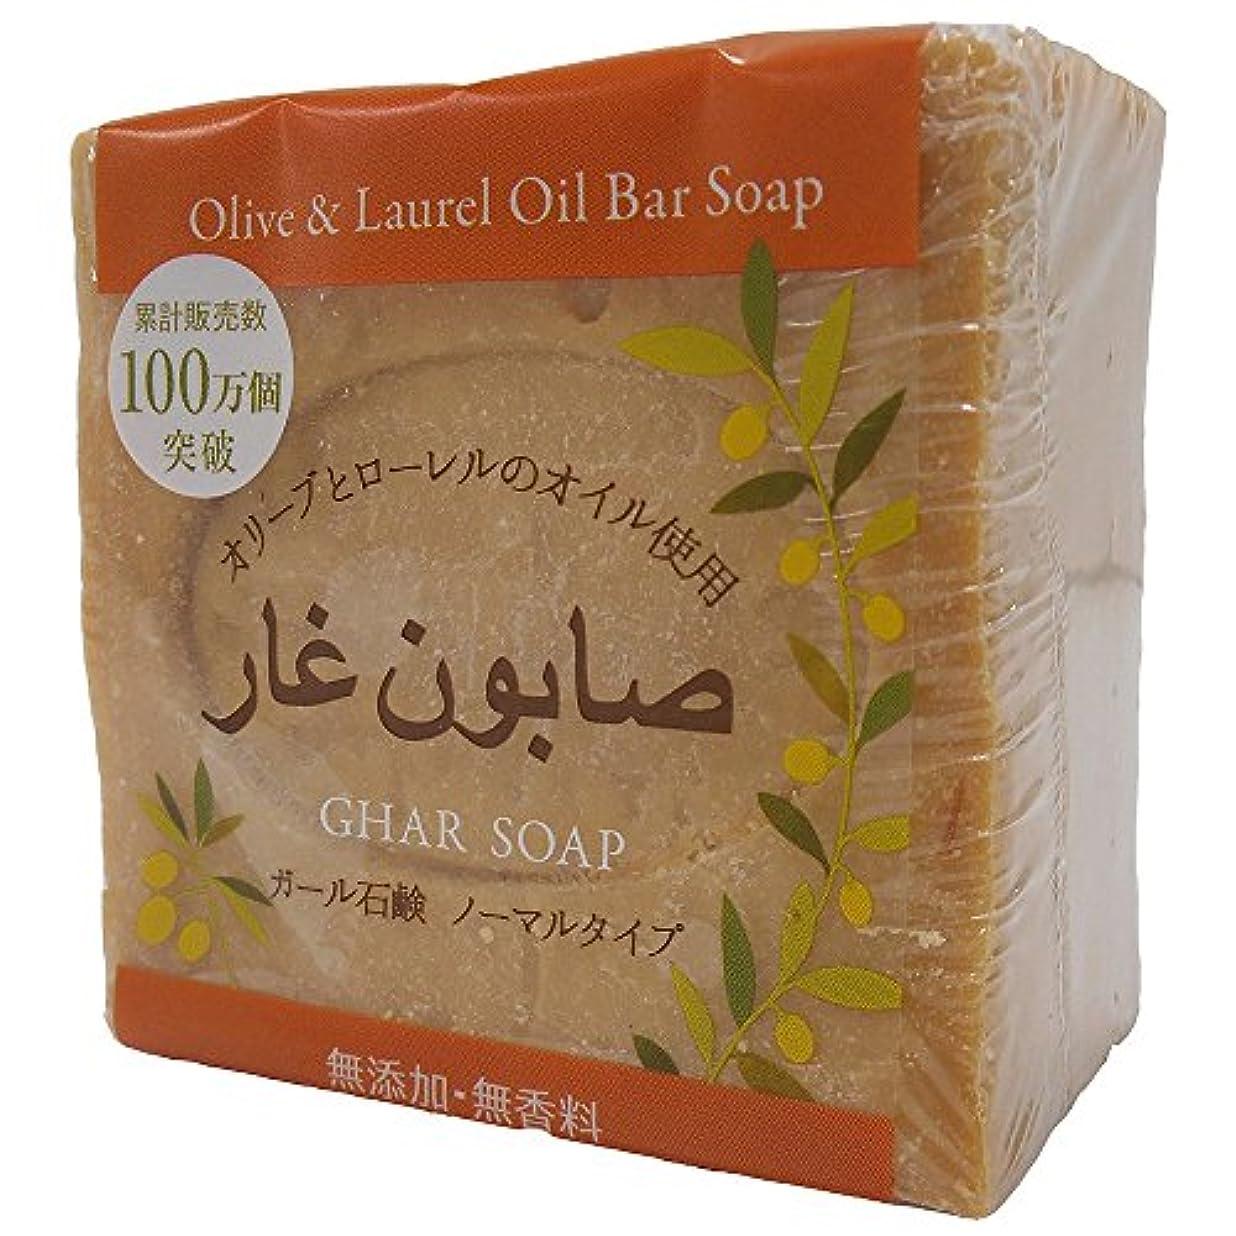 寛大なサーマル塩辛いオージェイズ ガール石鹸 ノーマルタイプ 約200g